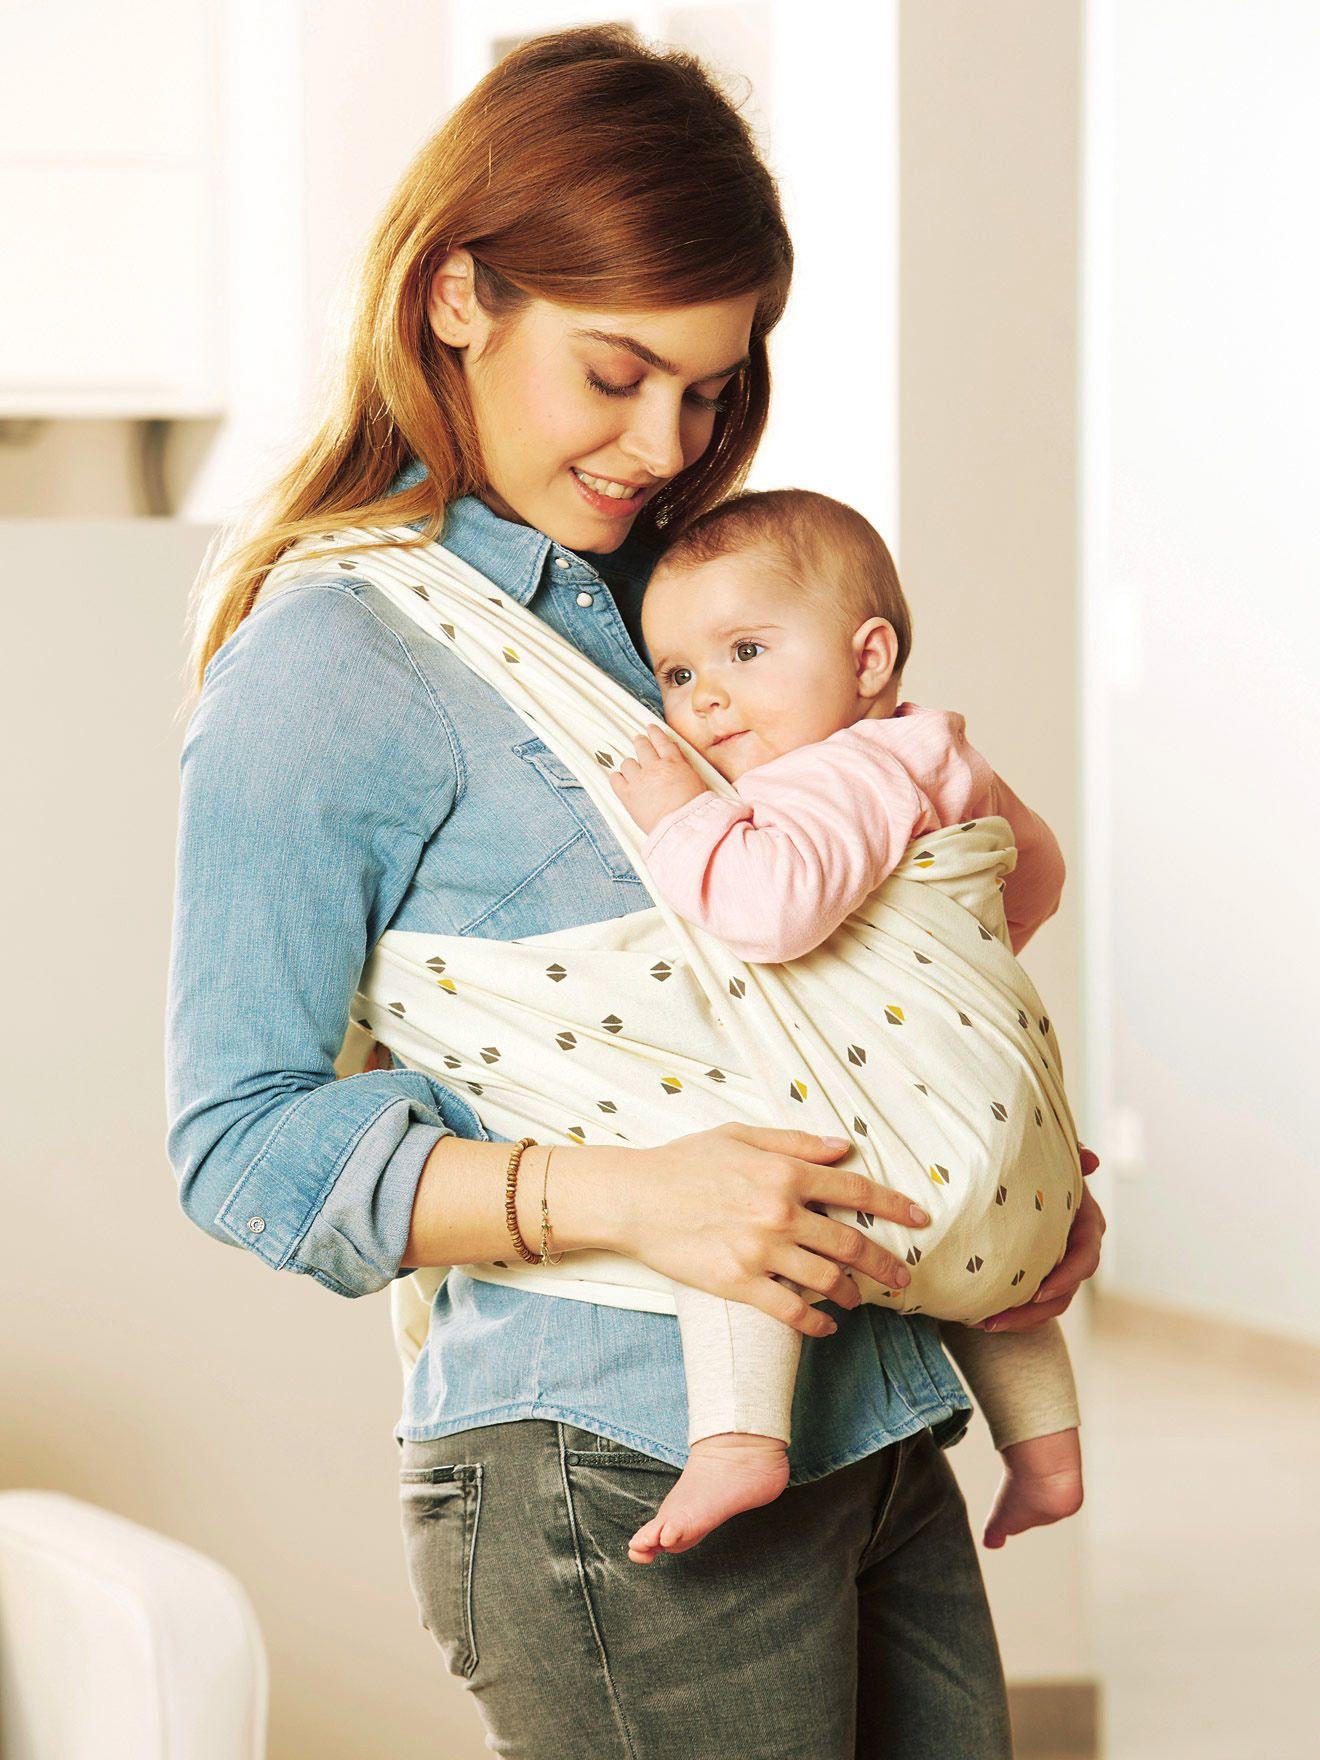 7fe29125c75 ... de portage permet de prolonger le lien extraordinaire créé avec Bébé  tout au long de la grossesse. Collection Automne-Hiver 2016 - www.vertbaudet .com